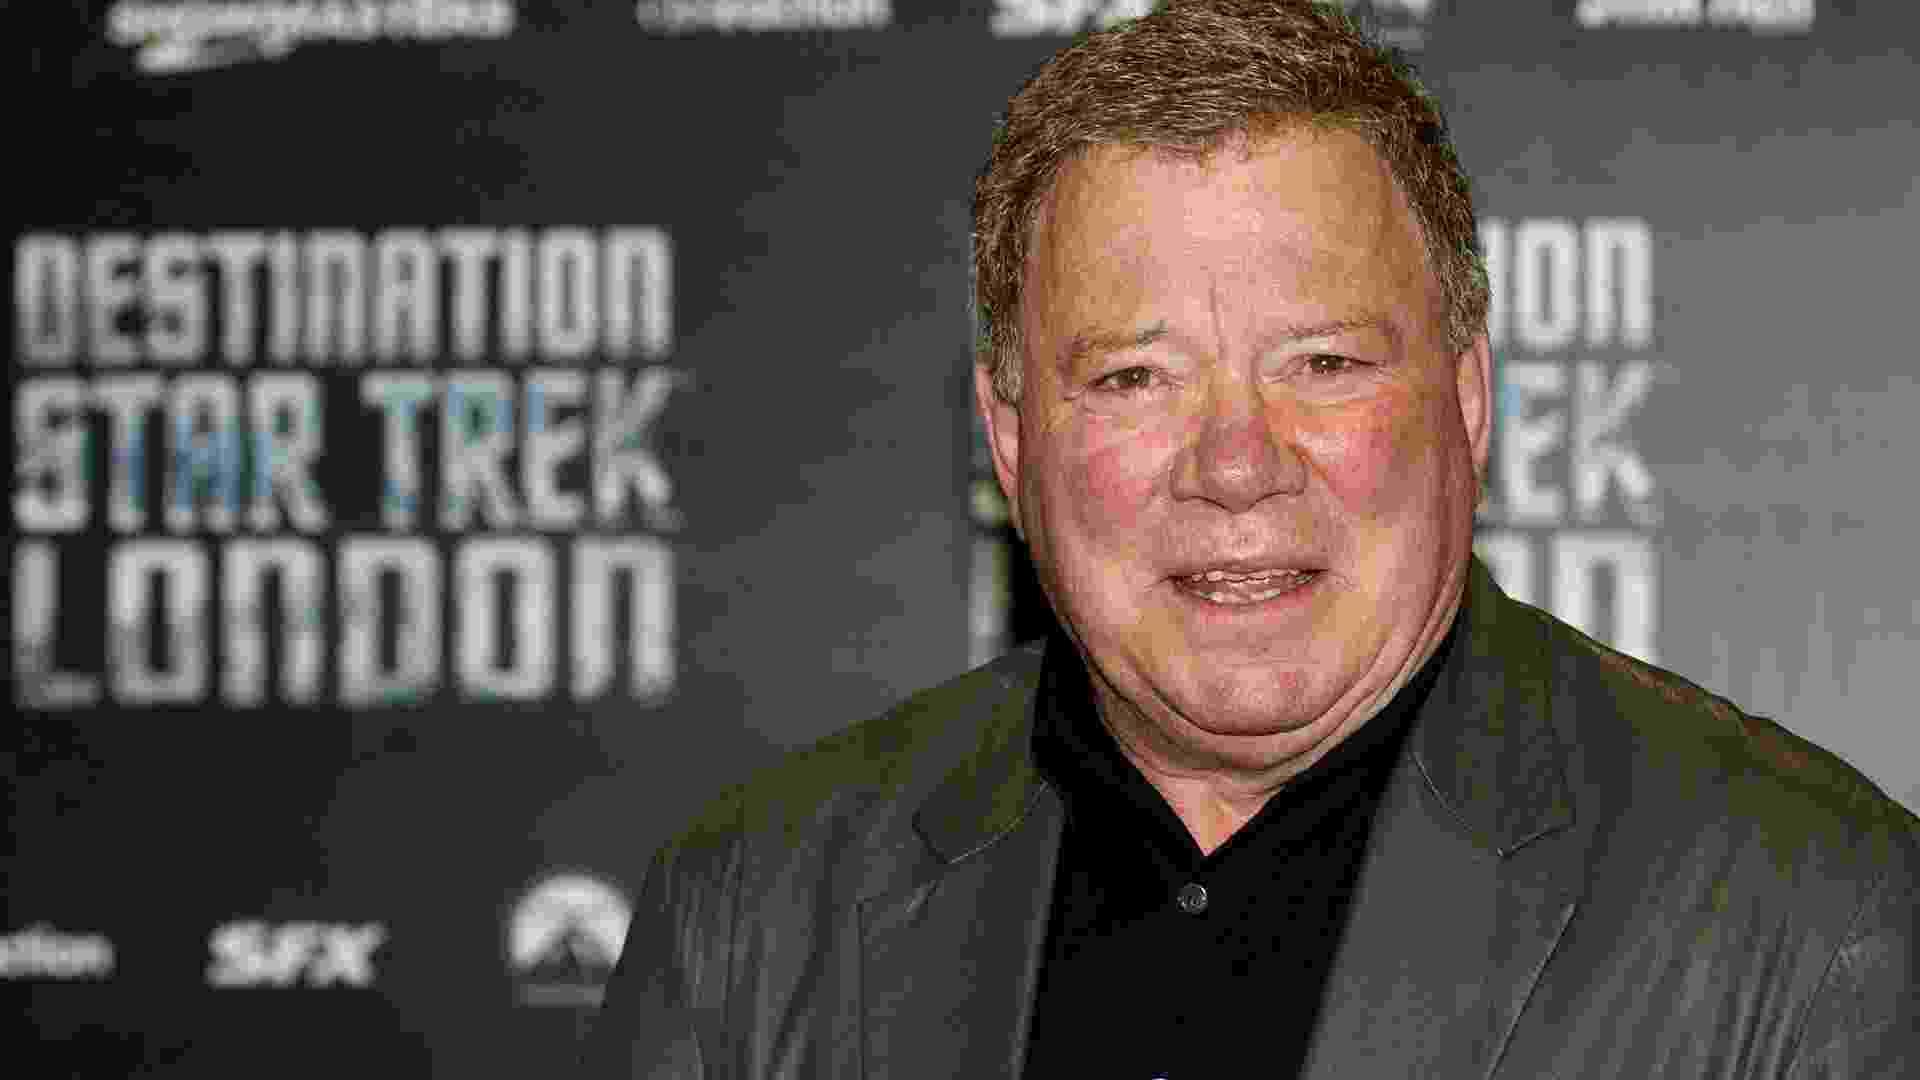 """O ator norte-americano William Shatner, que viveu o Capitão Kirk na série """"Jornada nas Estrelas"""", chega à abertura do evento """"Destination Star Trek London"""", que acontece em Londres. Uma réplica da ponte da espaçonave Enterprise, uma zona Klingon e um museu dedicado à série de 46 anos de idade foram erguidos na ExCel para o evento (19/10/12) - Leon Neal/AFP"""